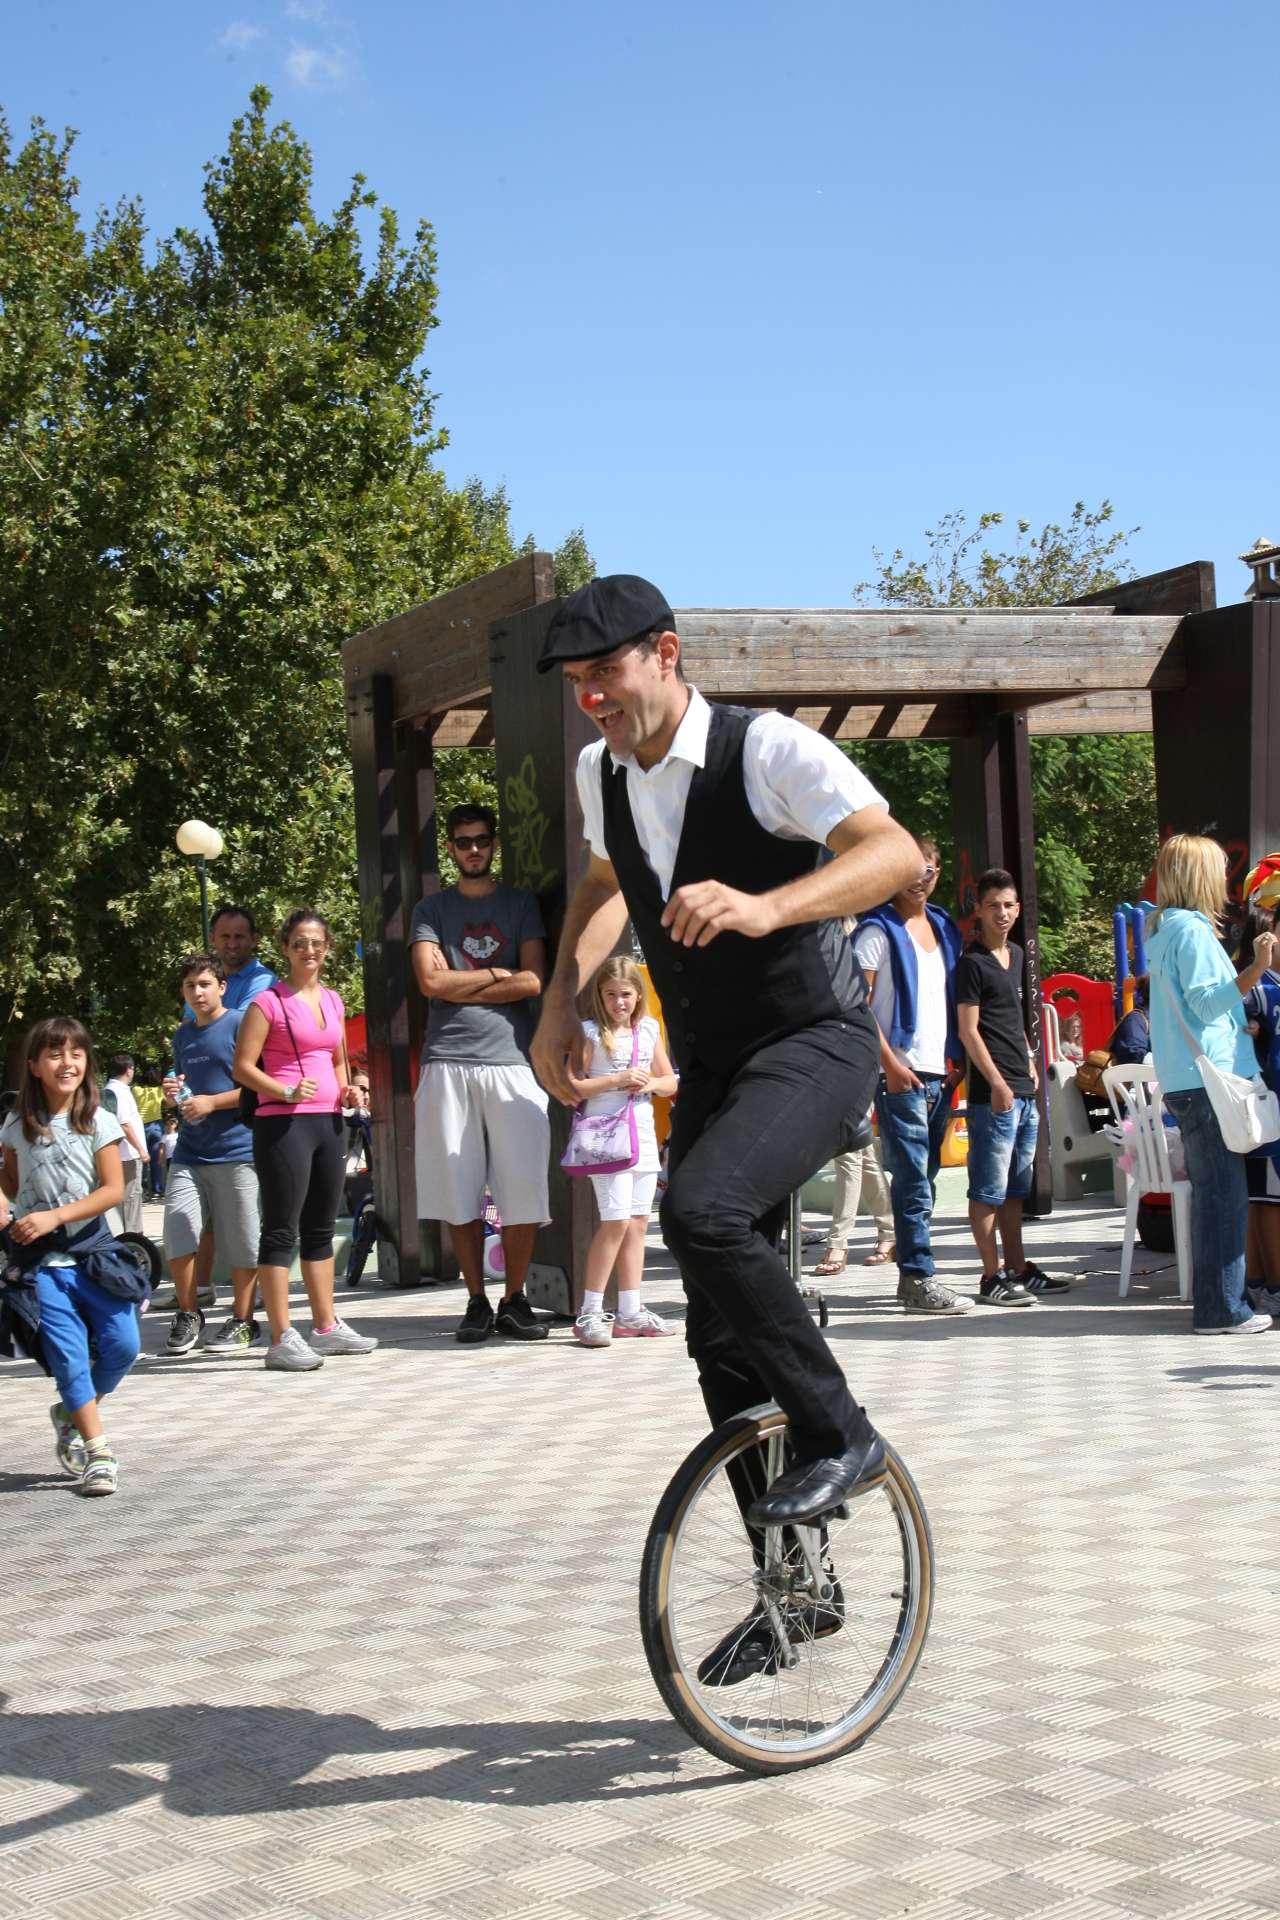 Μονοποδηλάτης κάνει βόλτες πάνω σε μονοποδήλατο μπροστά σε κοινό σε εκδήλωση σε πάρκο